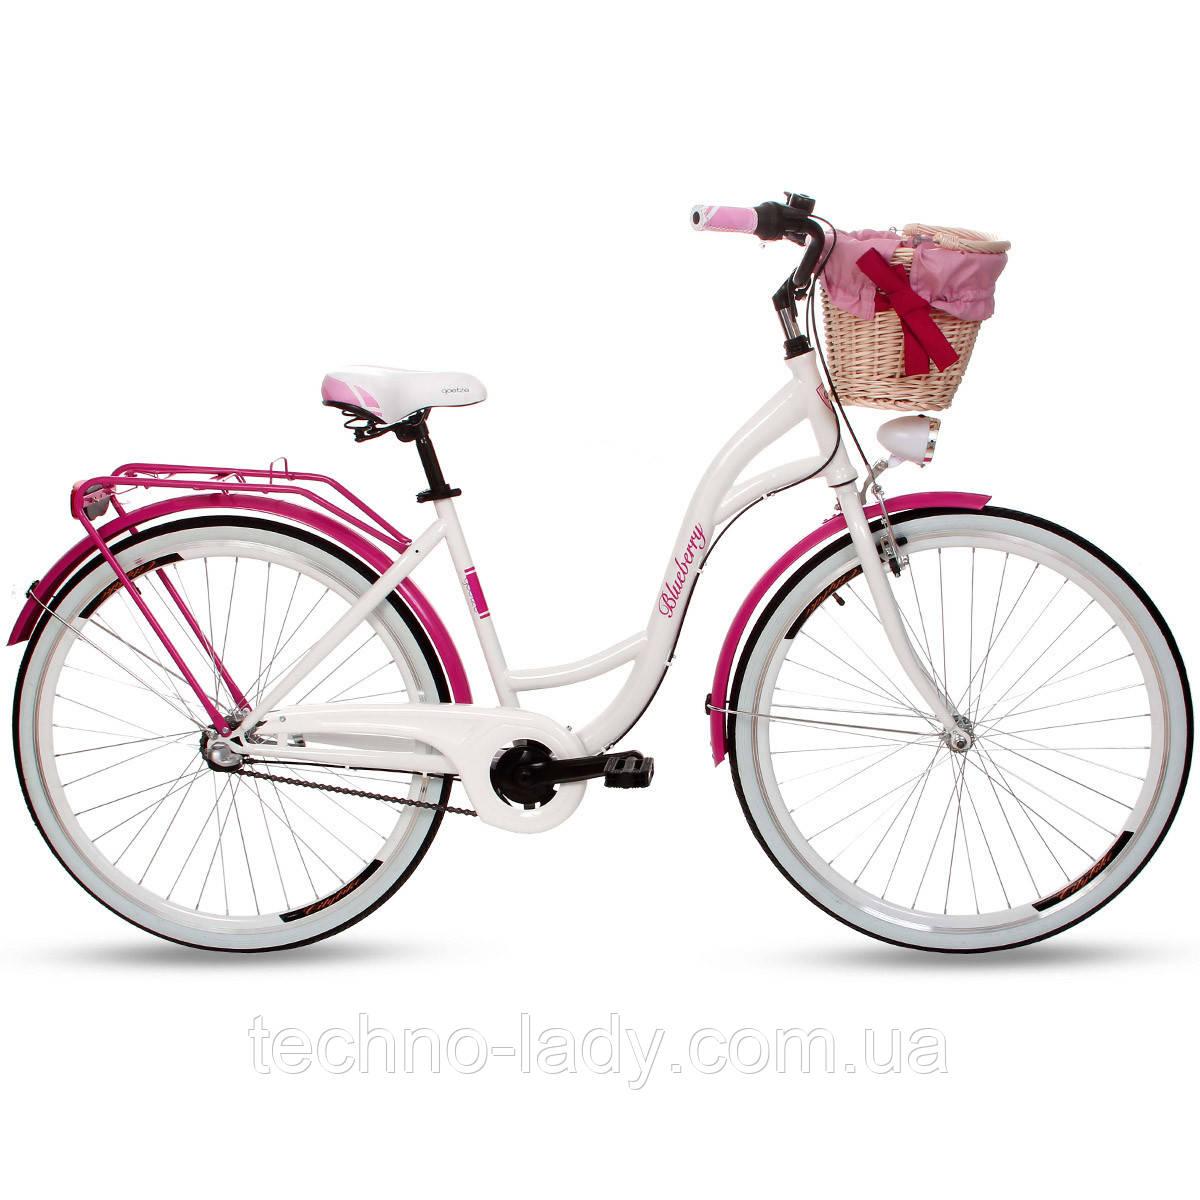 Велосипед Goetze BLUEBERRY 28 3-п